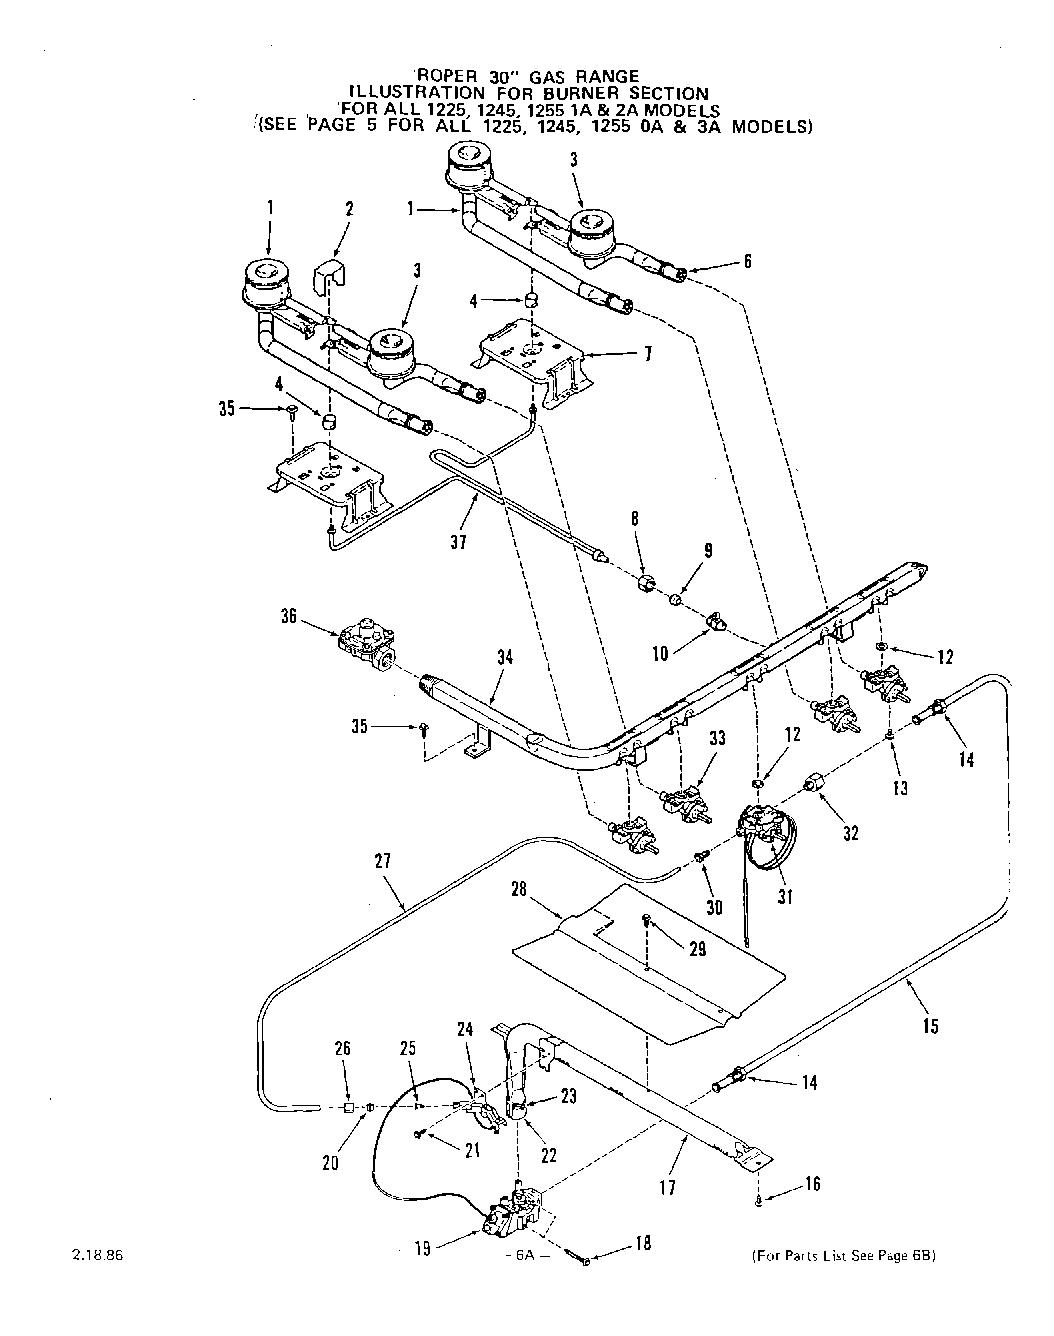 1225W2A